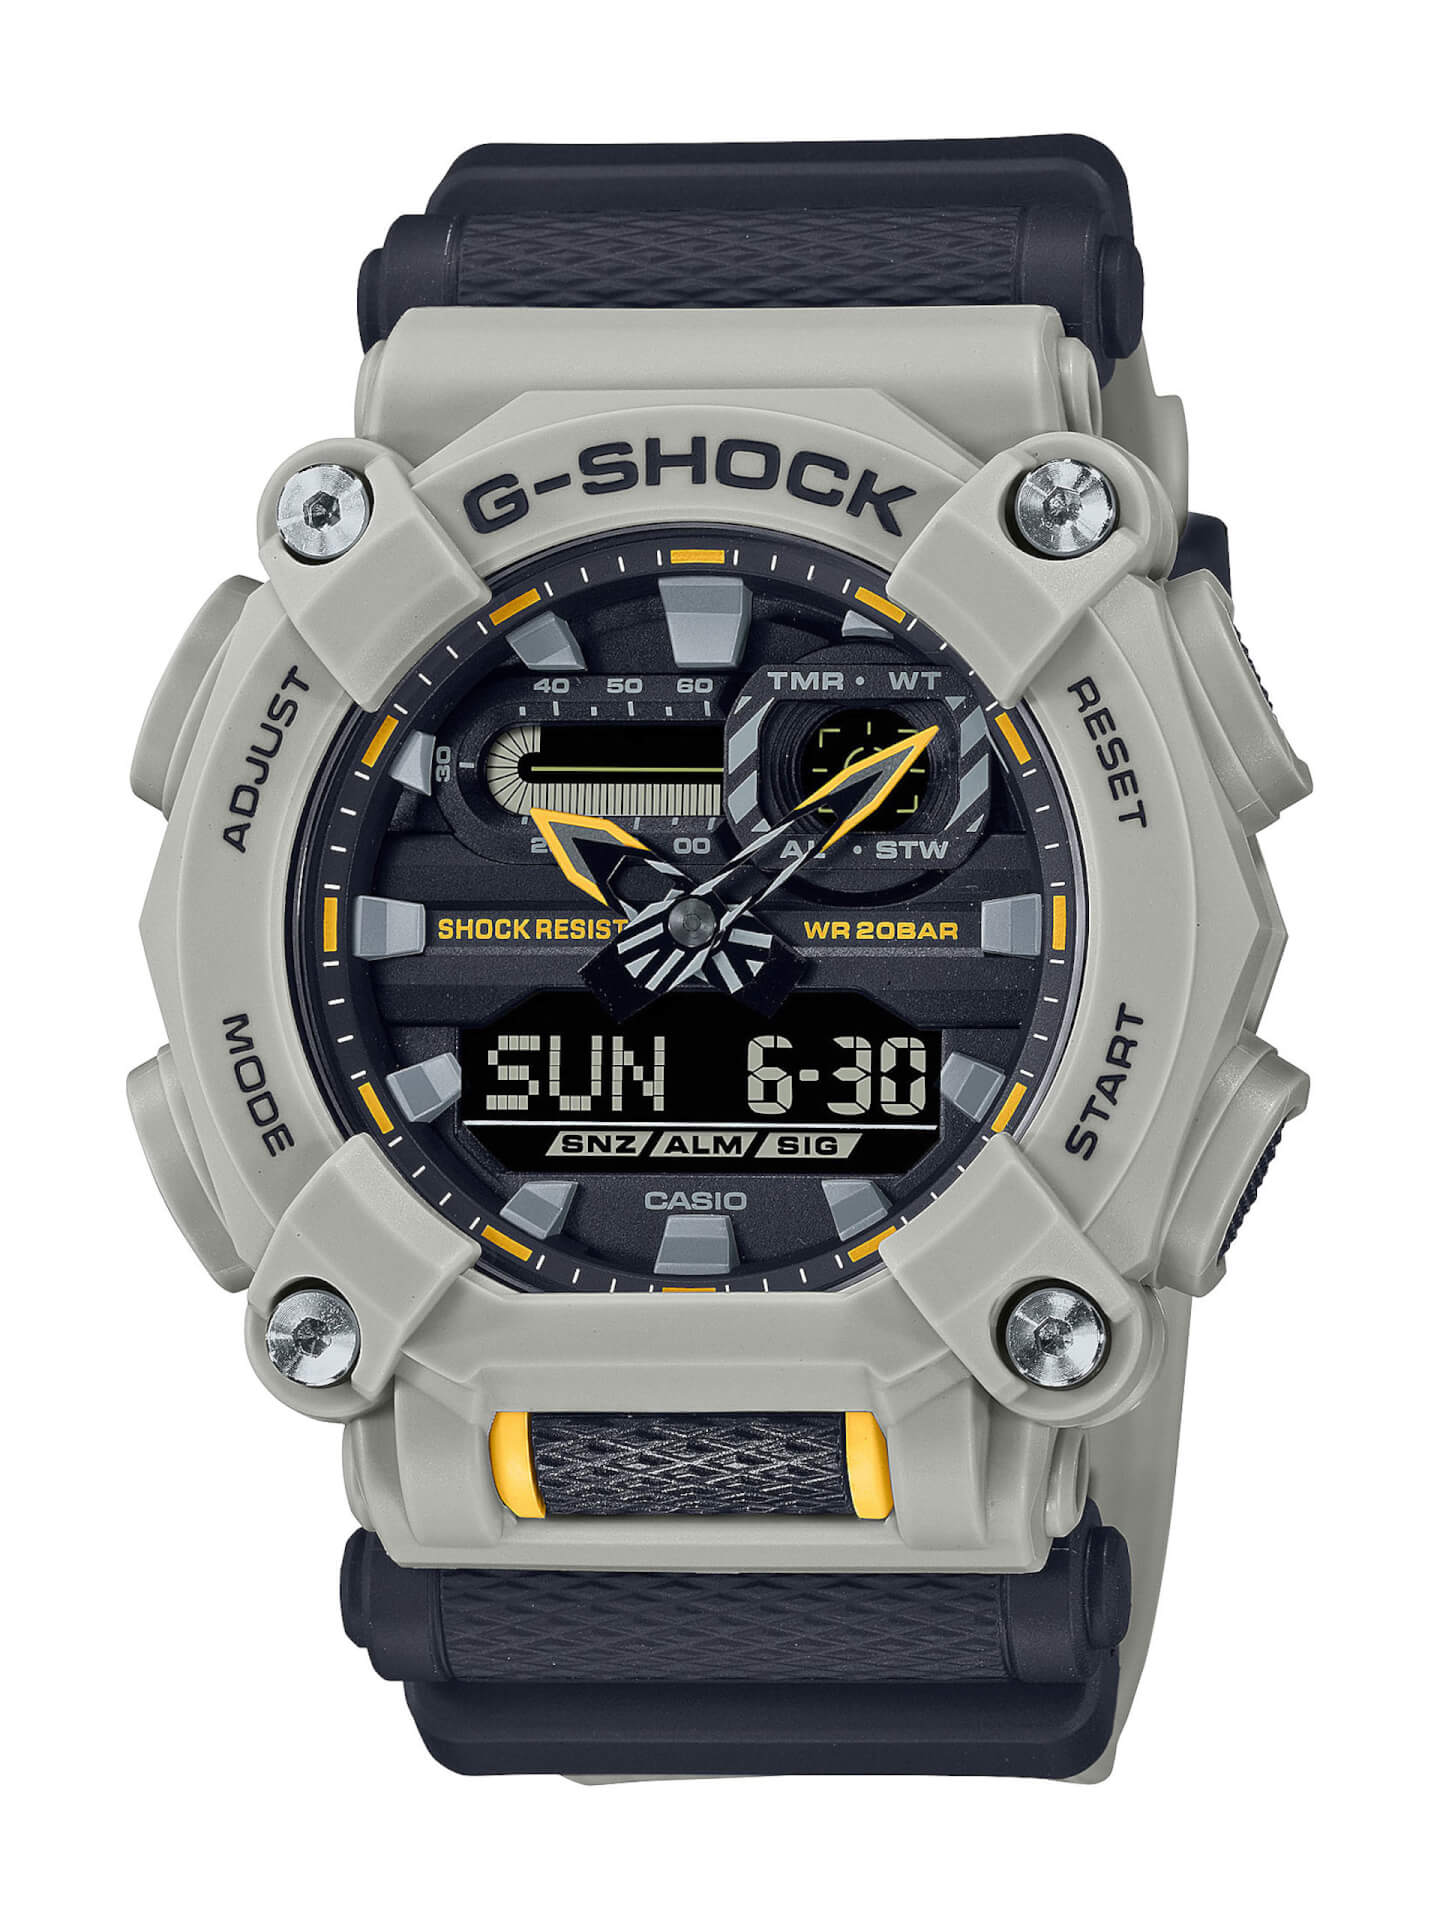 G-SHOCKから「HIDDEN COAST」をテーマにした夏のシーズンカラー登場!GA-2000、GA-2100、GA-900の3種類 tech210507_g_shock_3